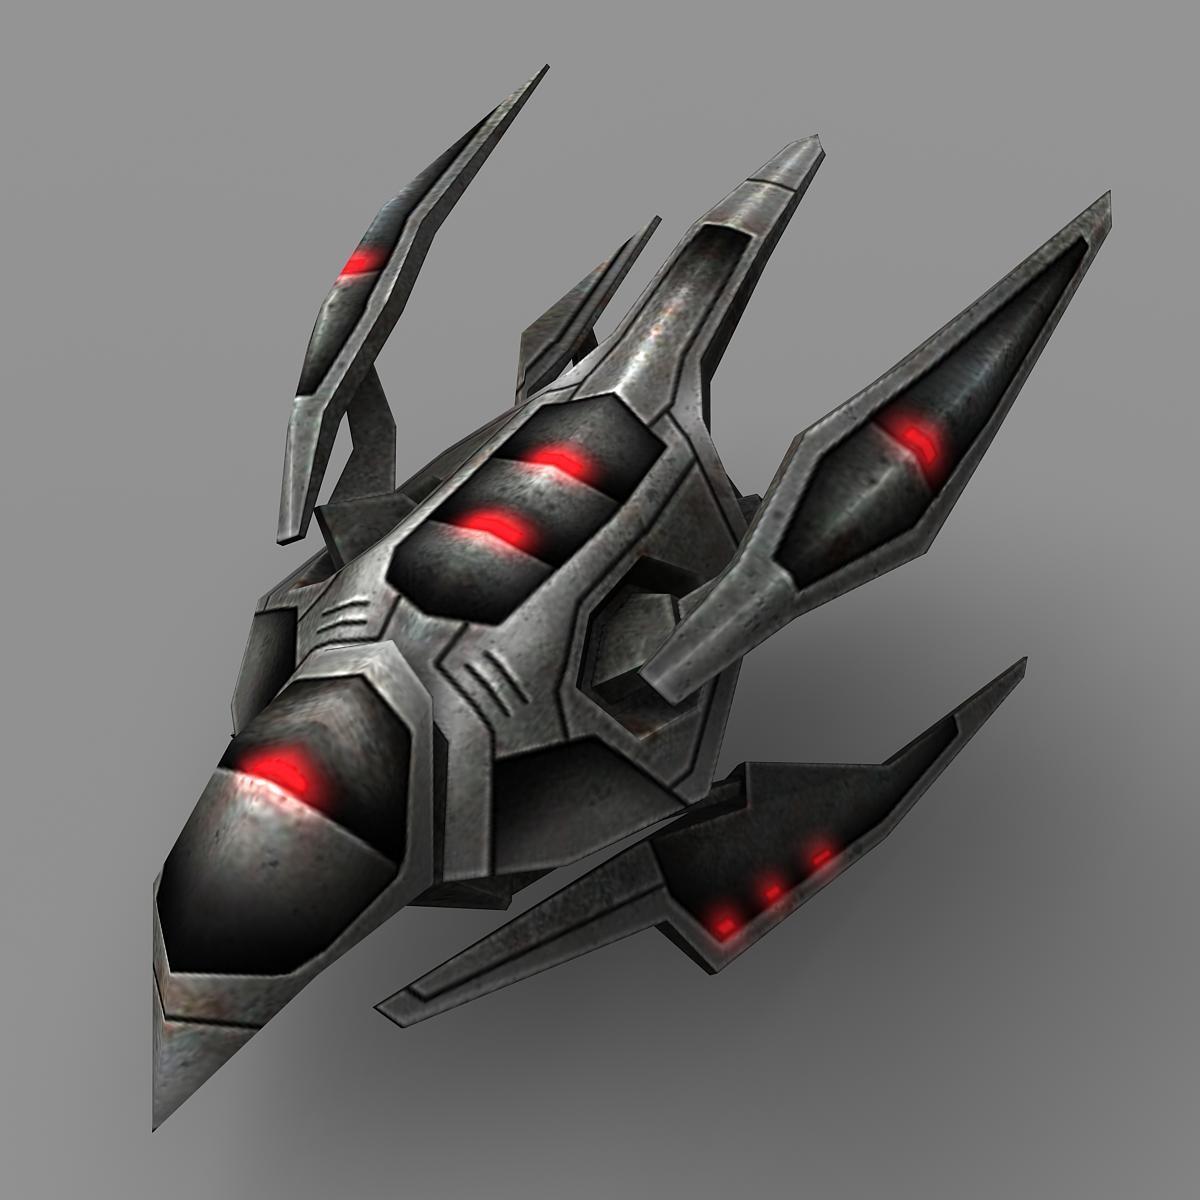 alien_fighter_1_preview_1.jpg